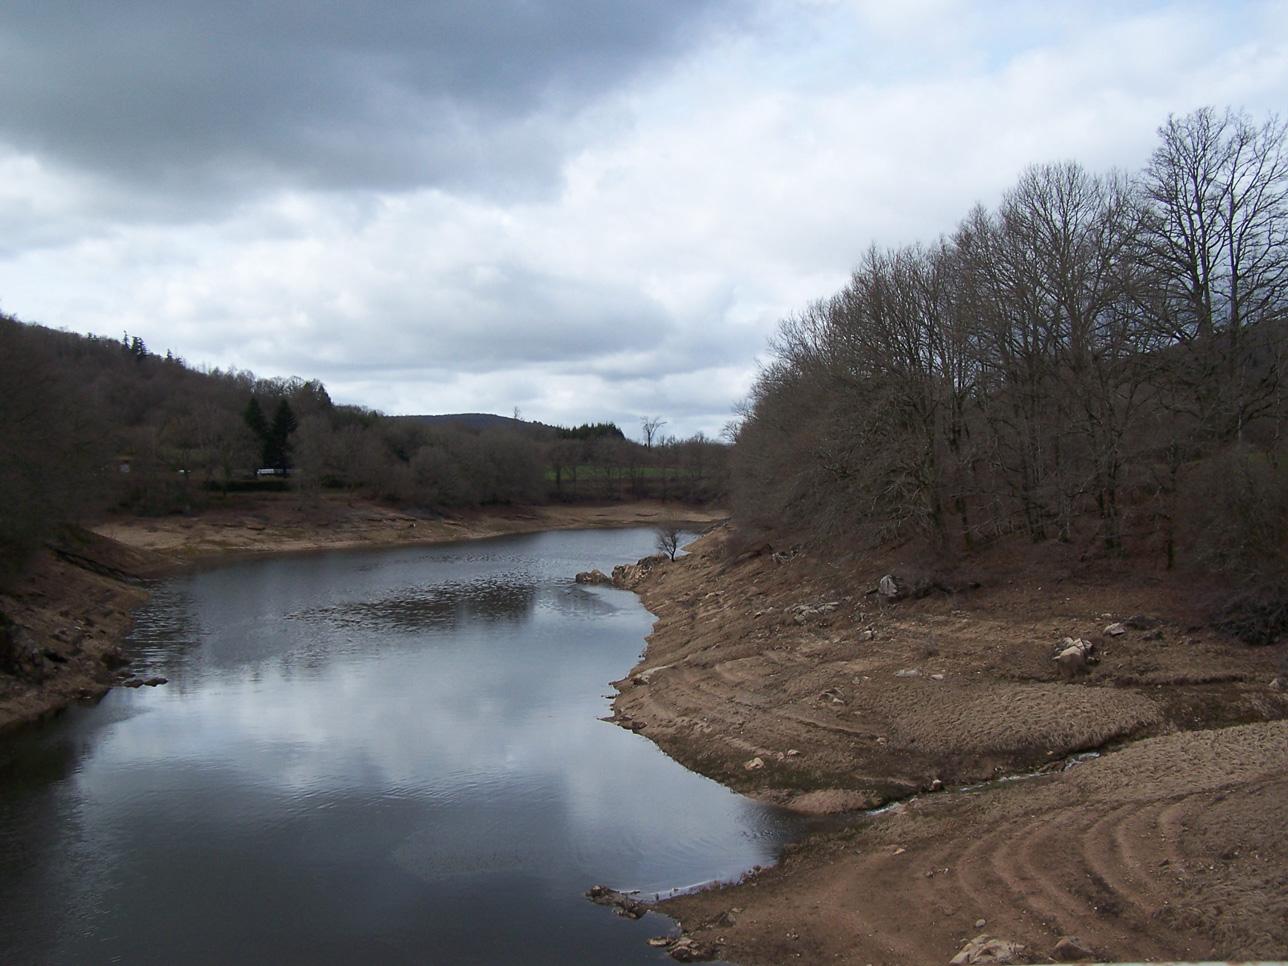 Lac de Pannecière mars 2017 : vue depuis le pont des moulins